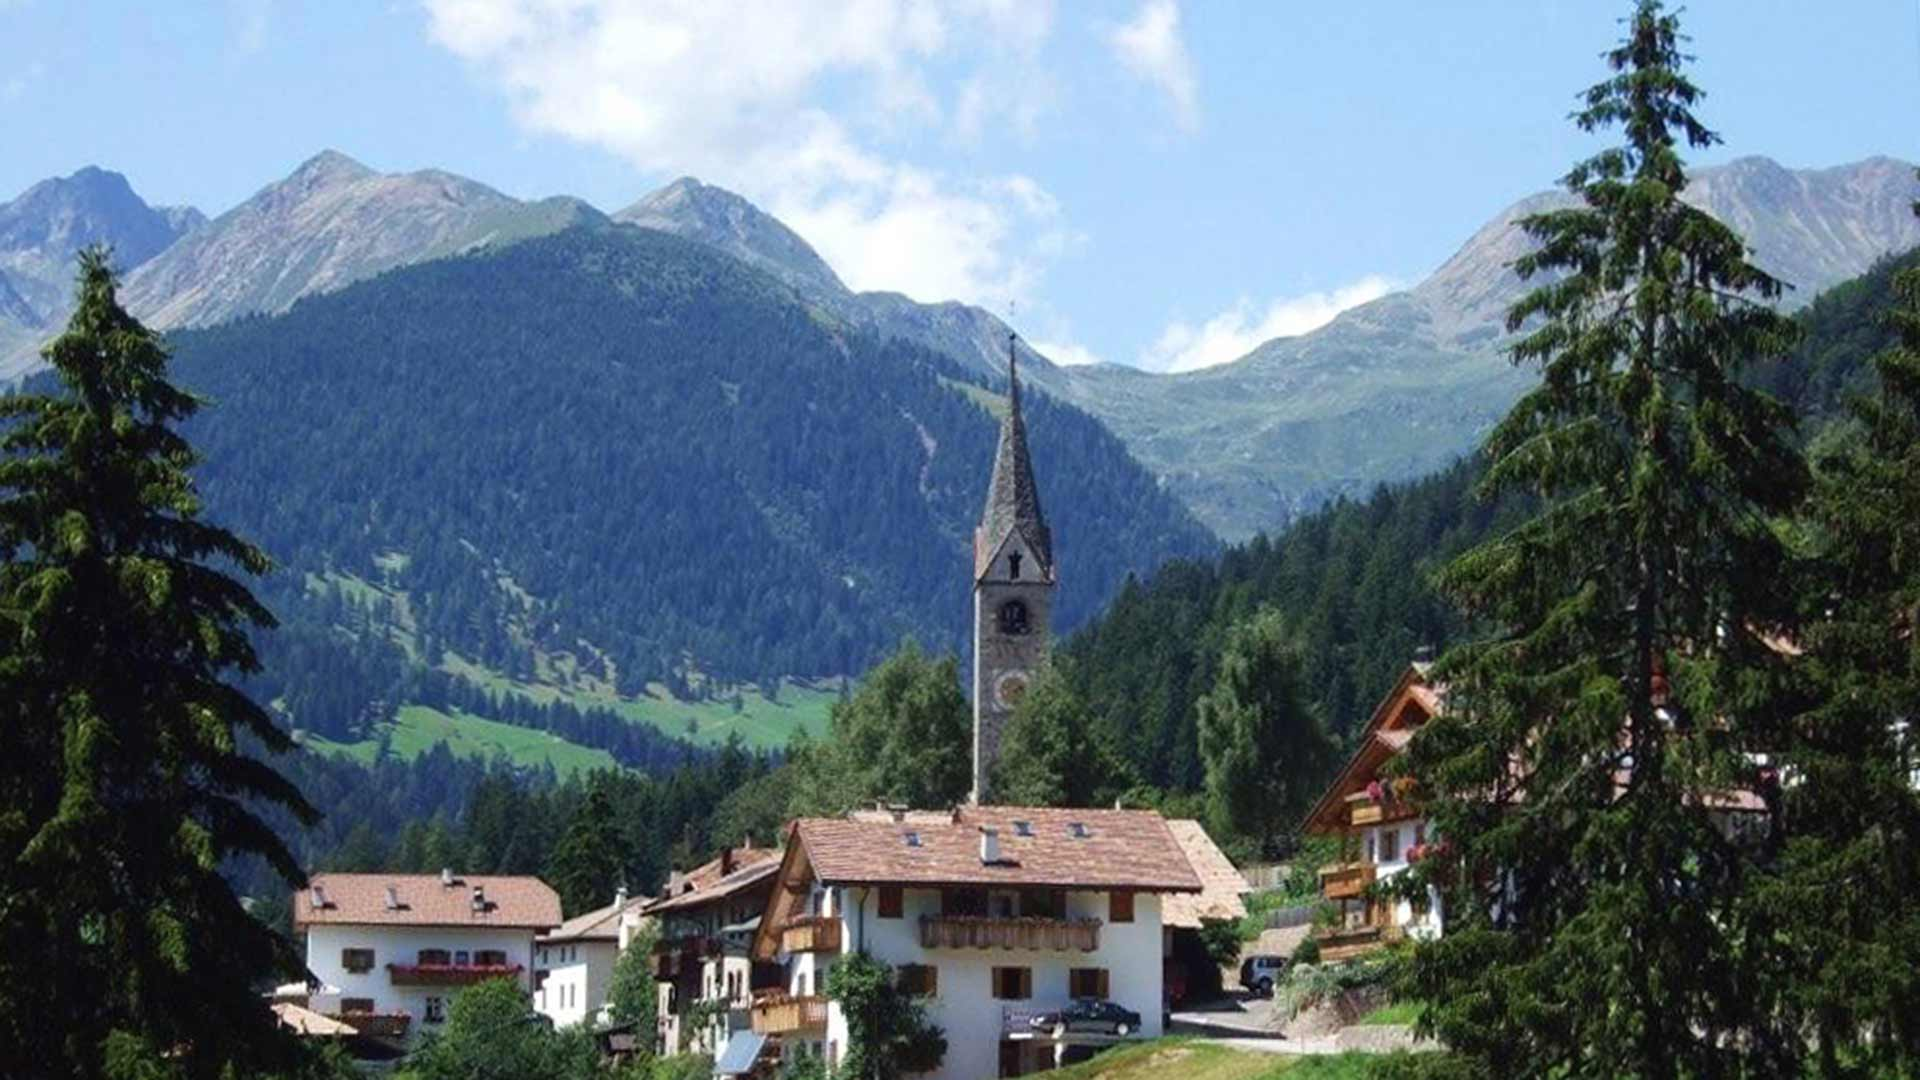 Blick zur Kirche in Laurein